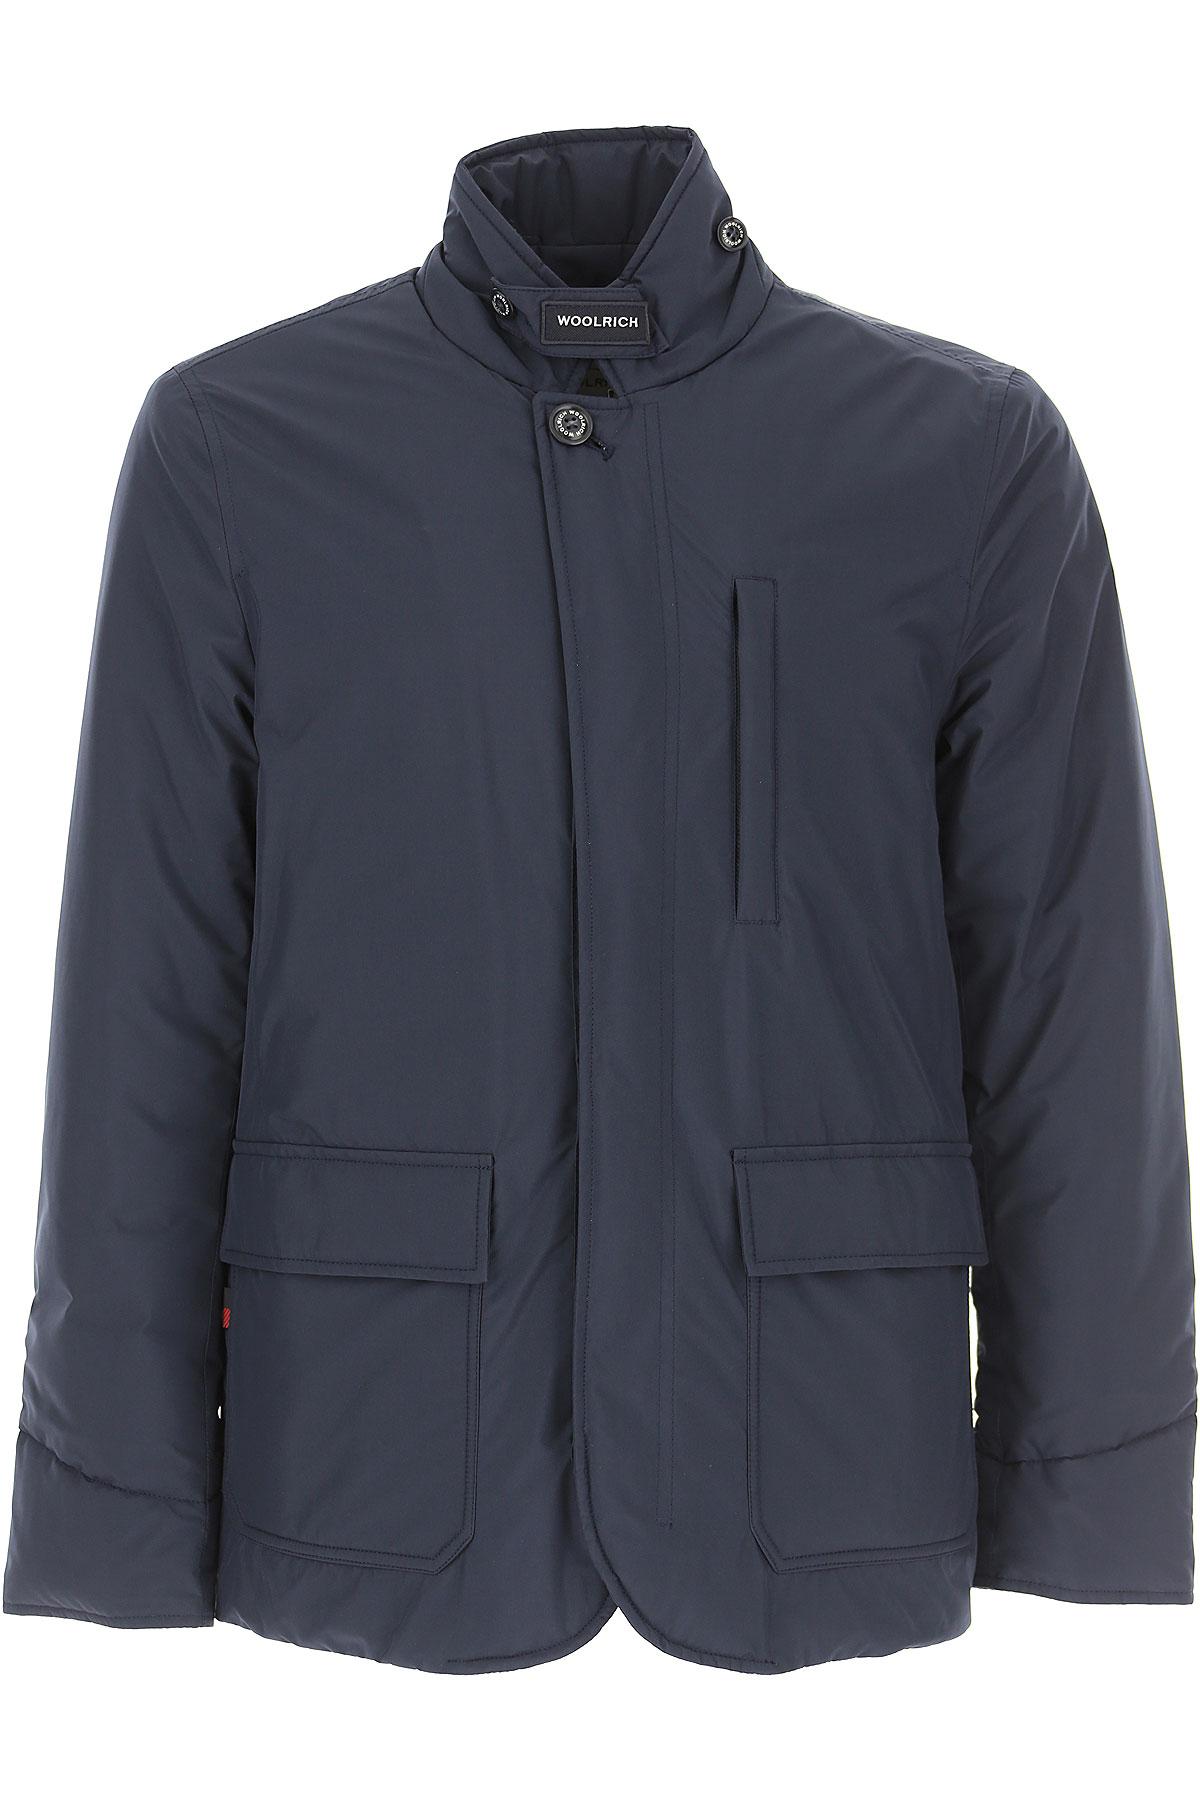 Woolrich Veste Homme Pas cher en Soldes, Bleu marine, Polyester, 2017, L M S XL